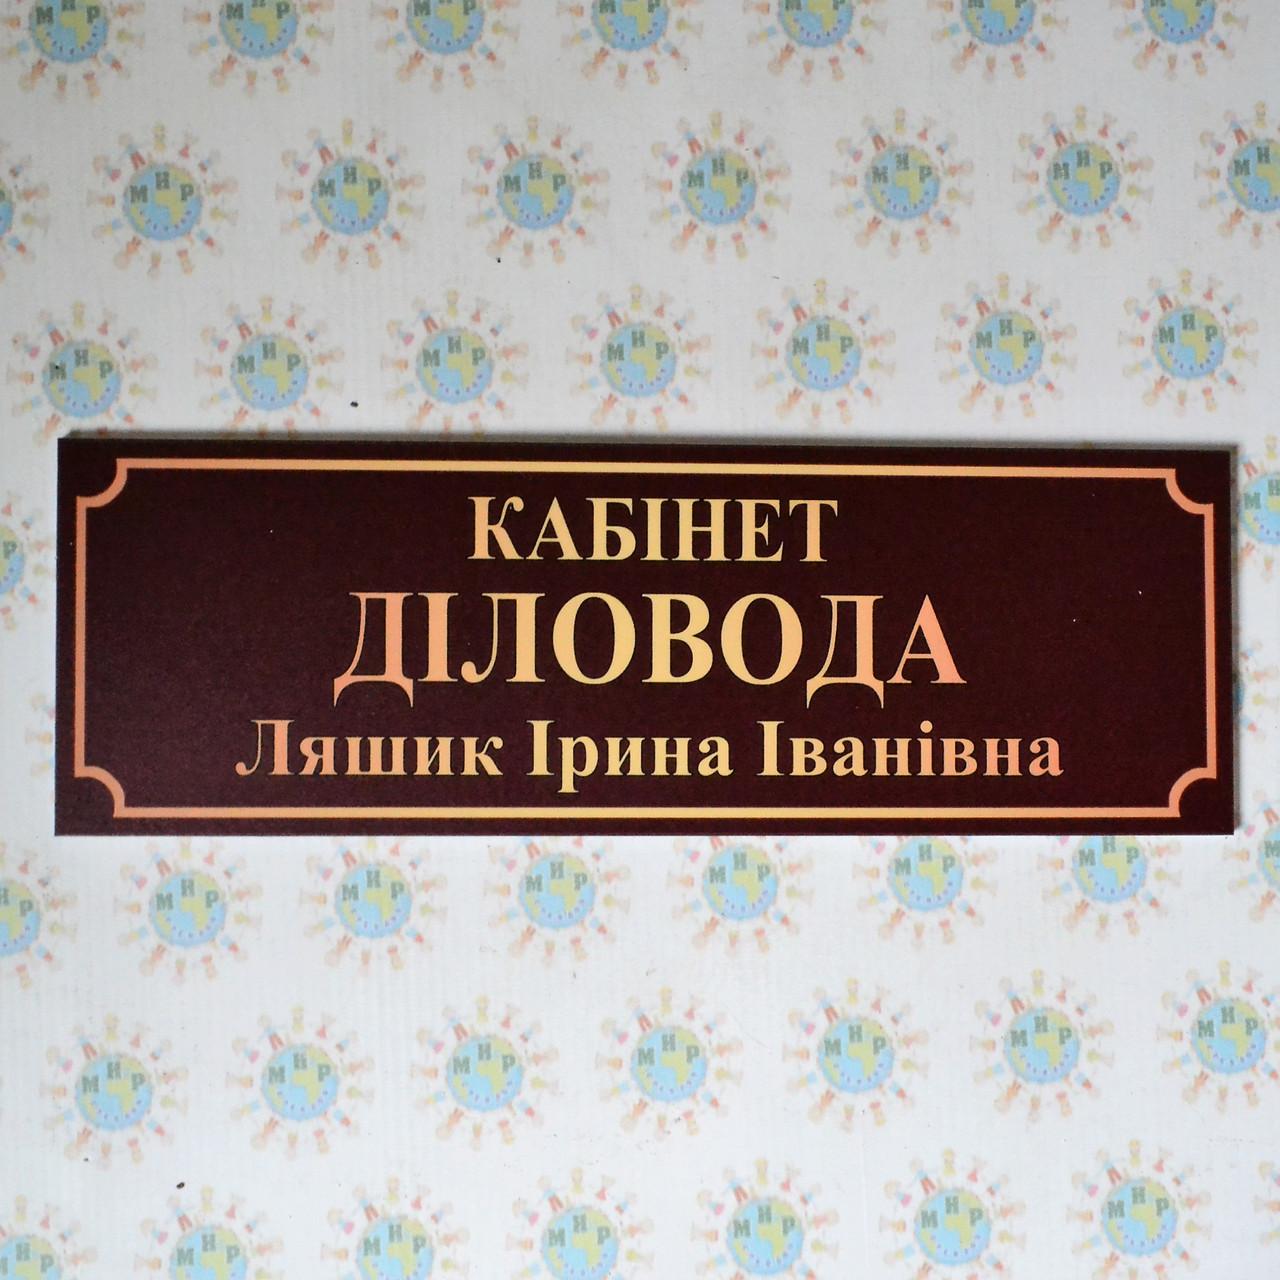 Табличка Деловод с именем